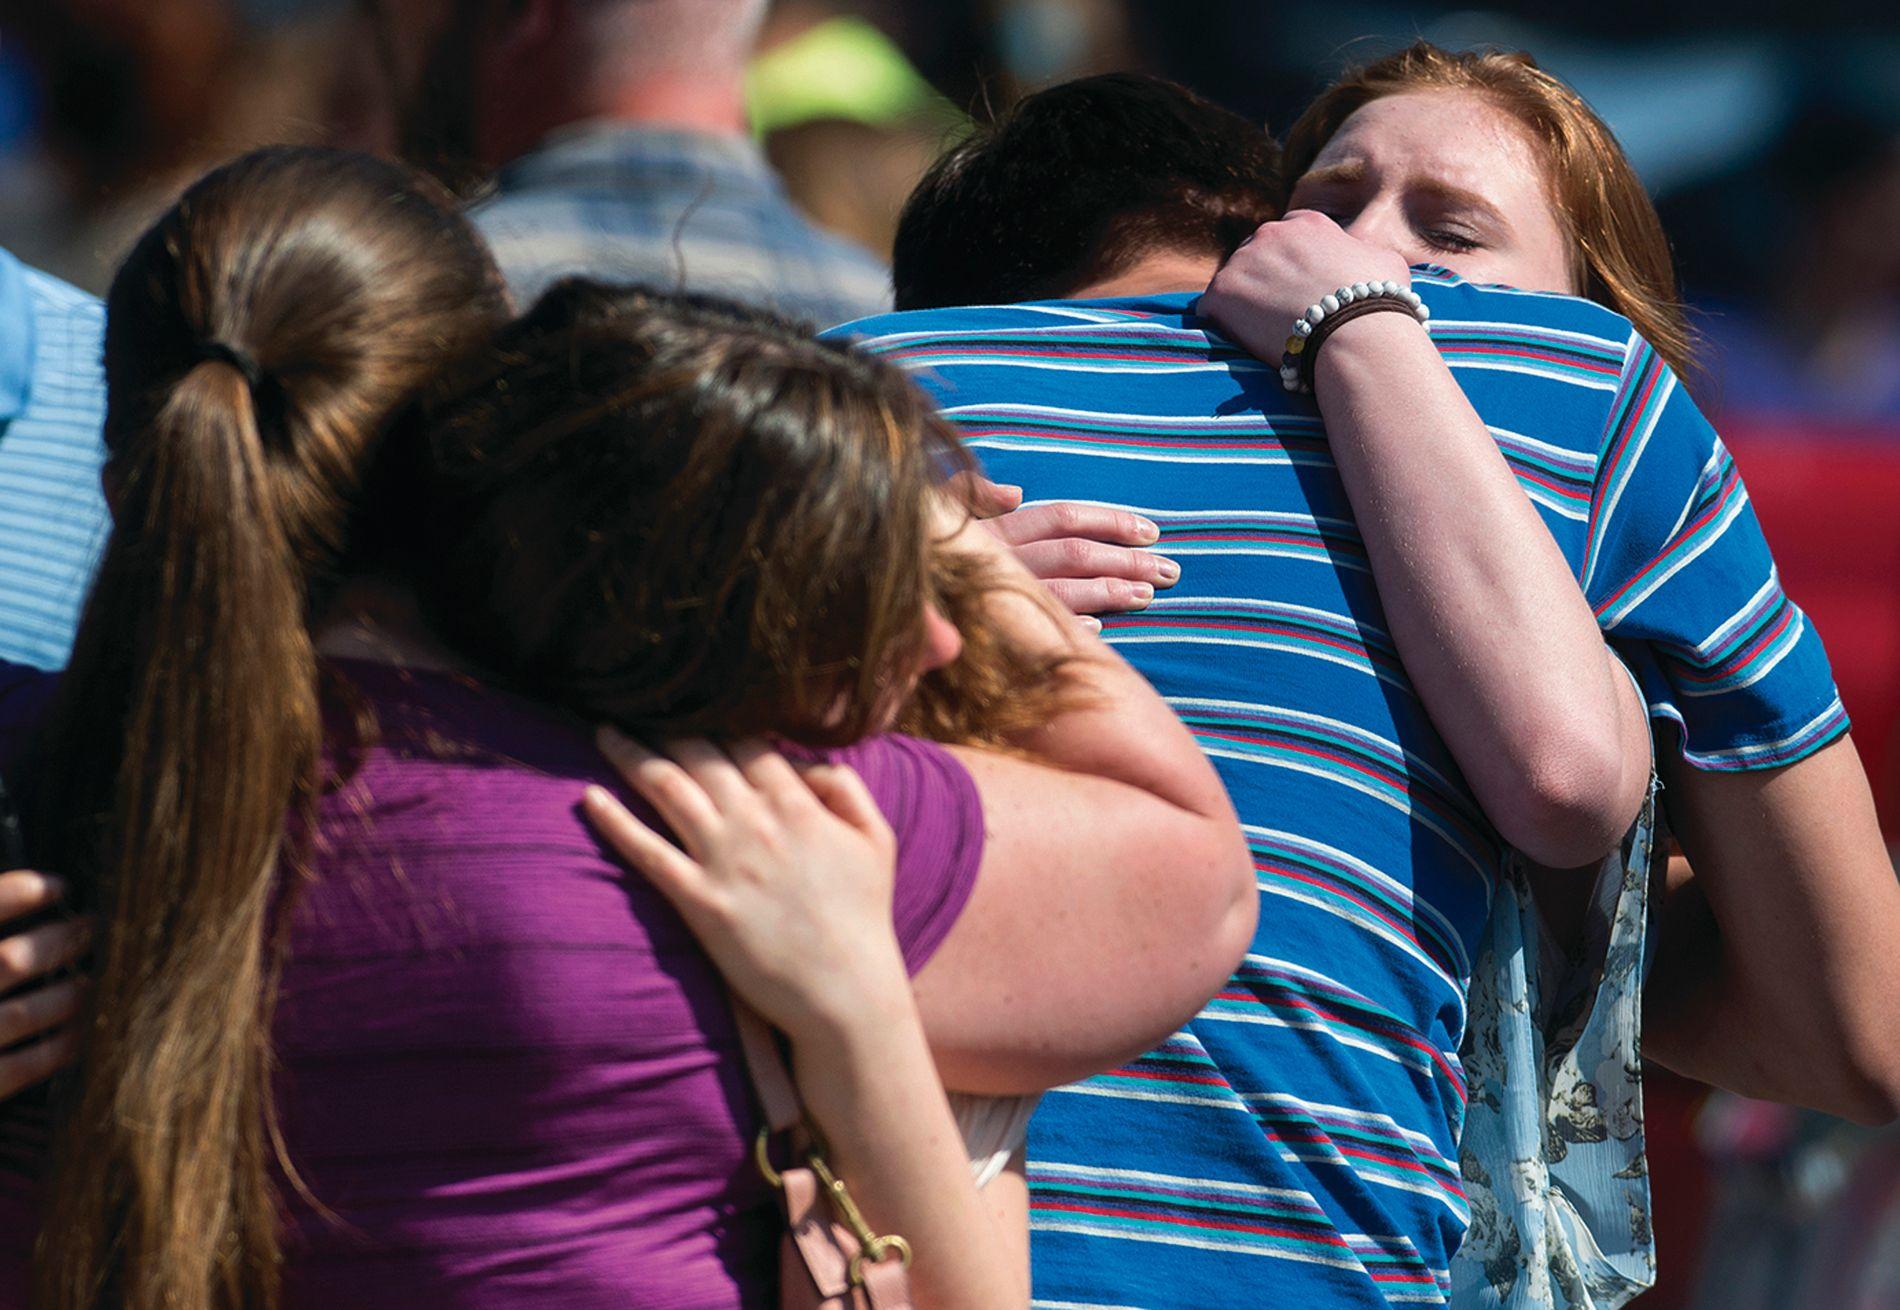 BEKYMREDE FORELDRE: Barne klemmer sine foreldre idet de kommer ut av skolebygningen.